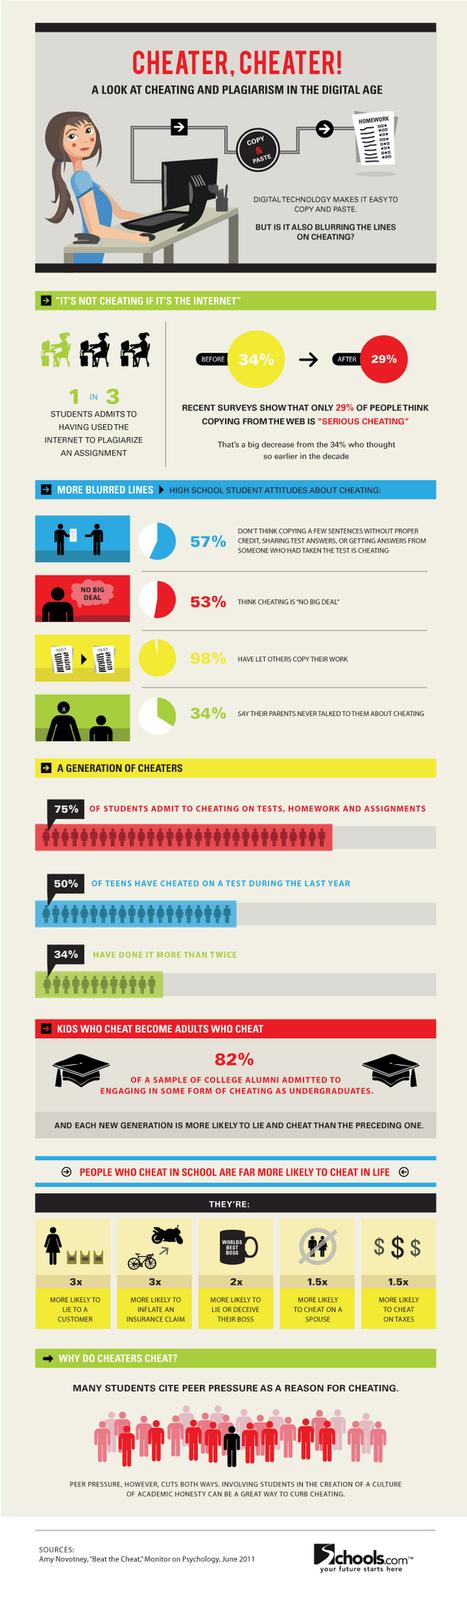 Digitaal spieken is geen spieken, en meer over afkijken in een digitale wereld(infografiek) | Mediawijsheid ed | Scoop.it